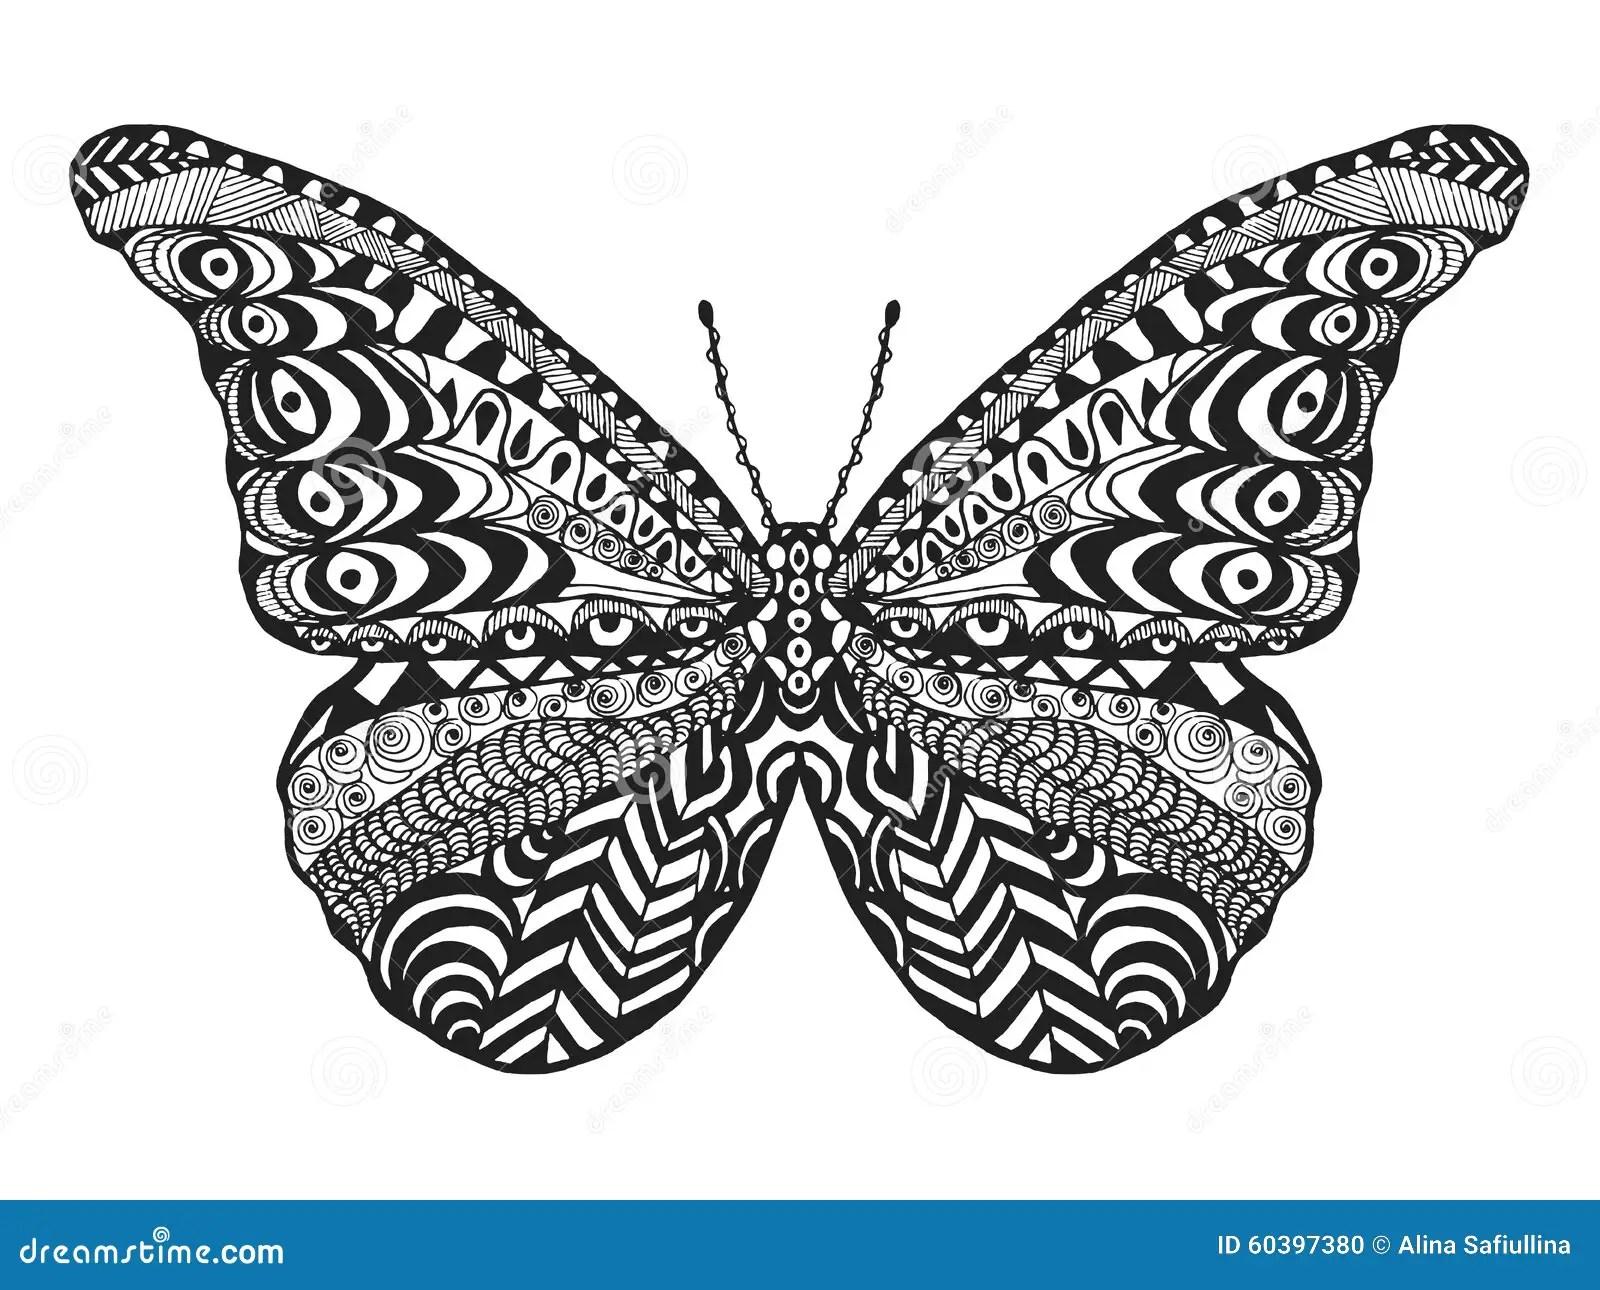 Zentangle Stilisierte Schmetterling Vektor Abbildung